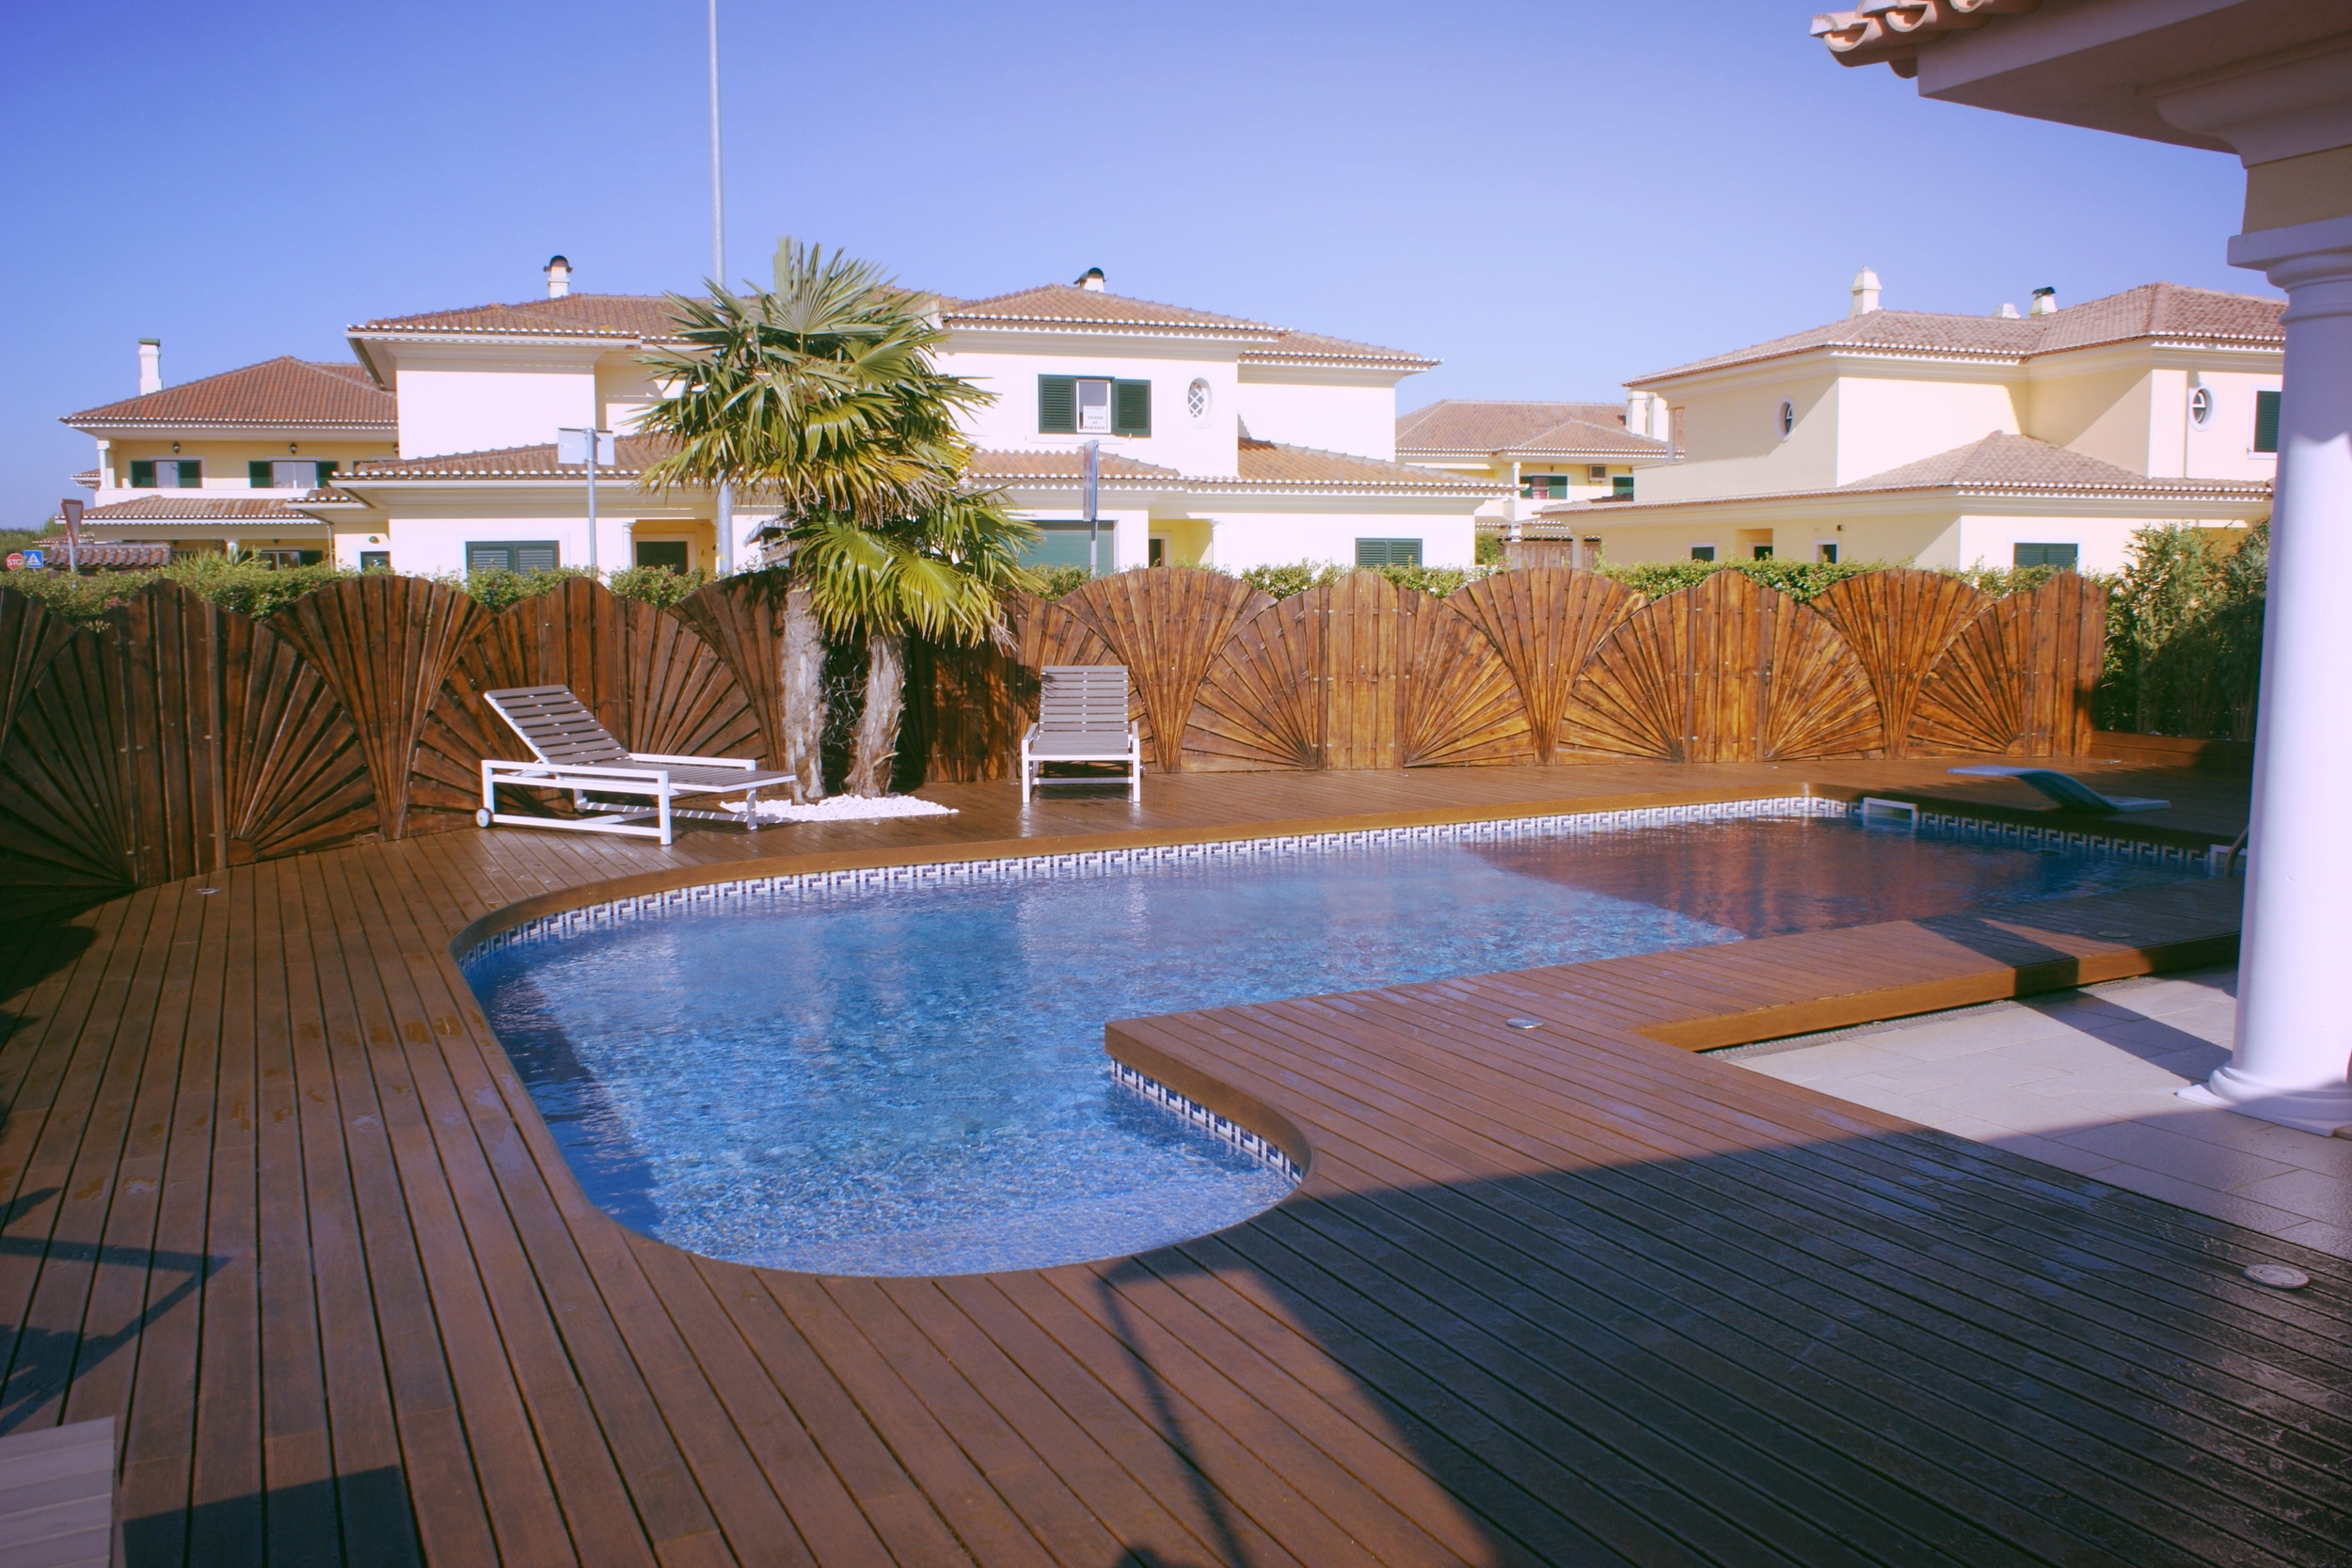 Deck piscina 2572.JPG